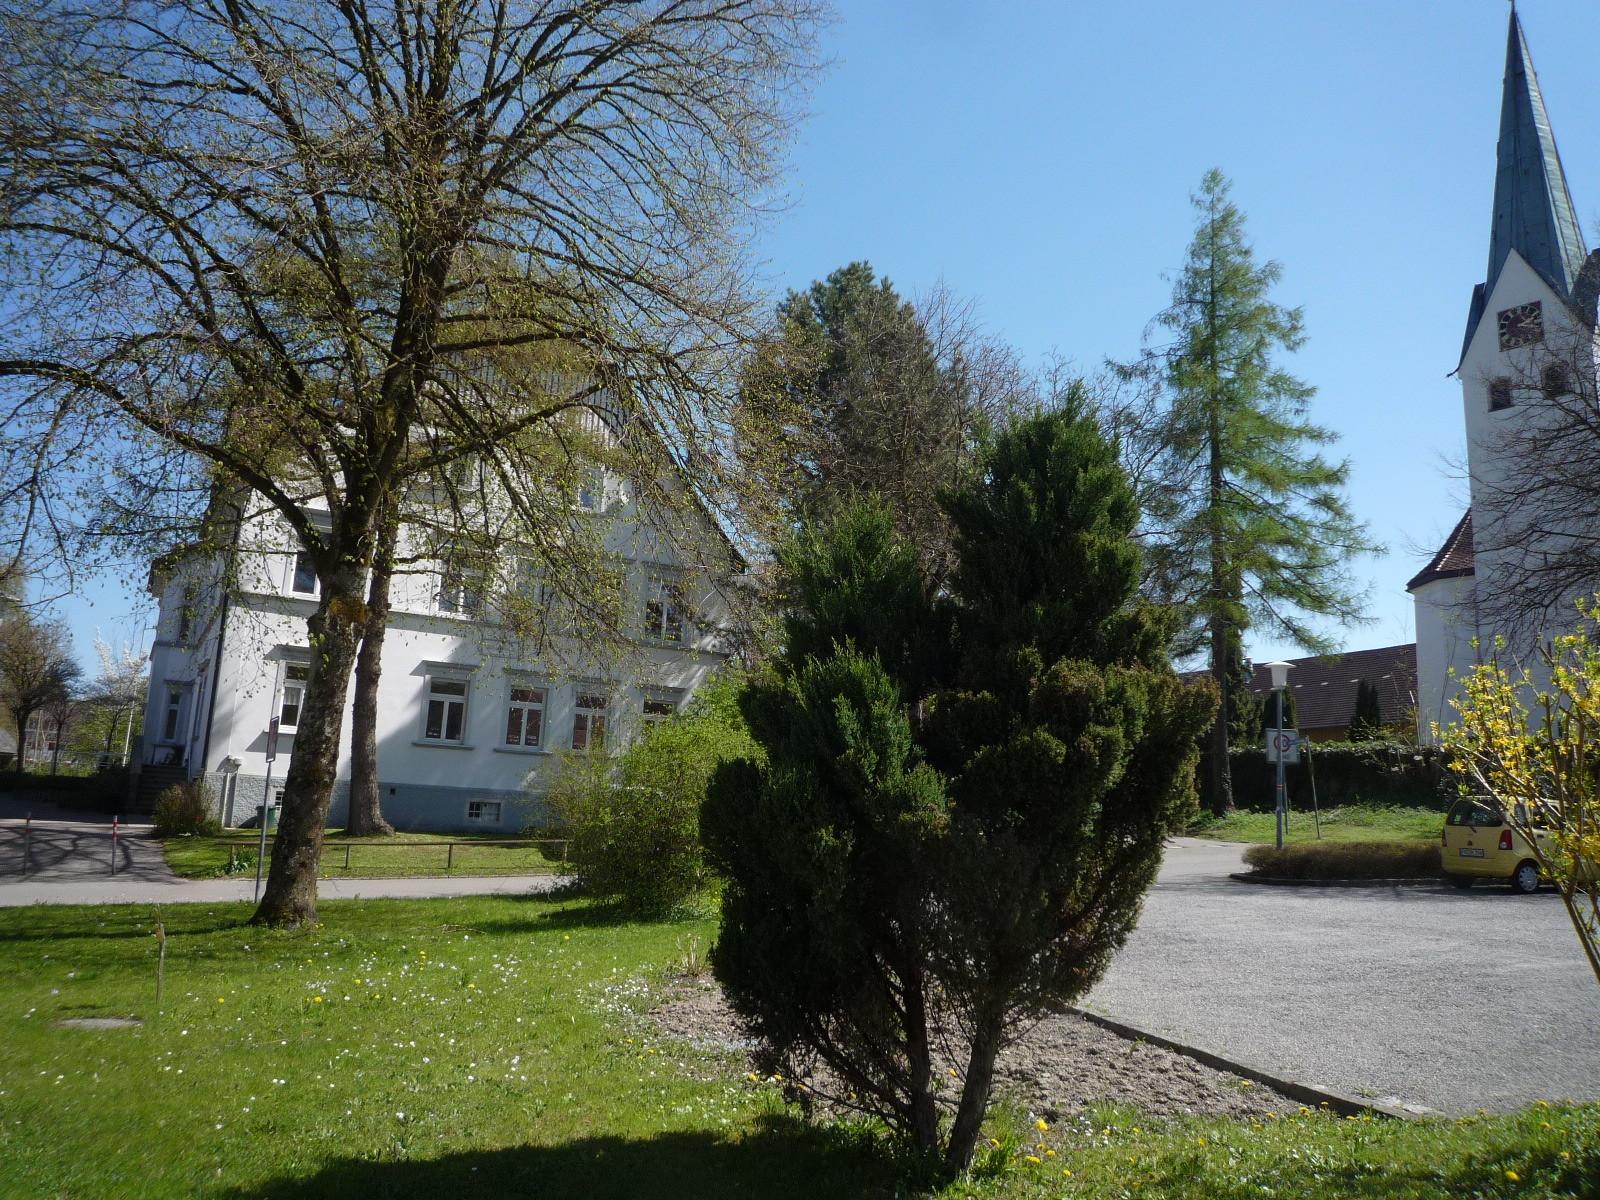 Blick auf die Schule vom Parkplatz aus